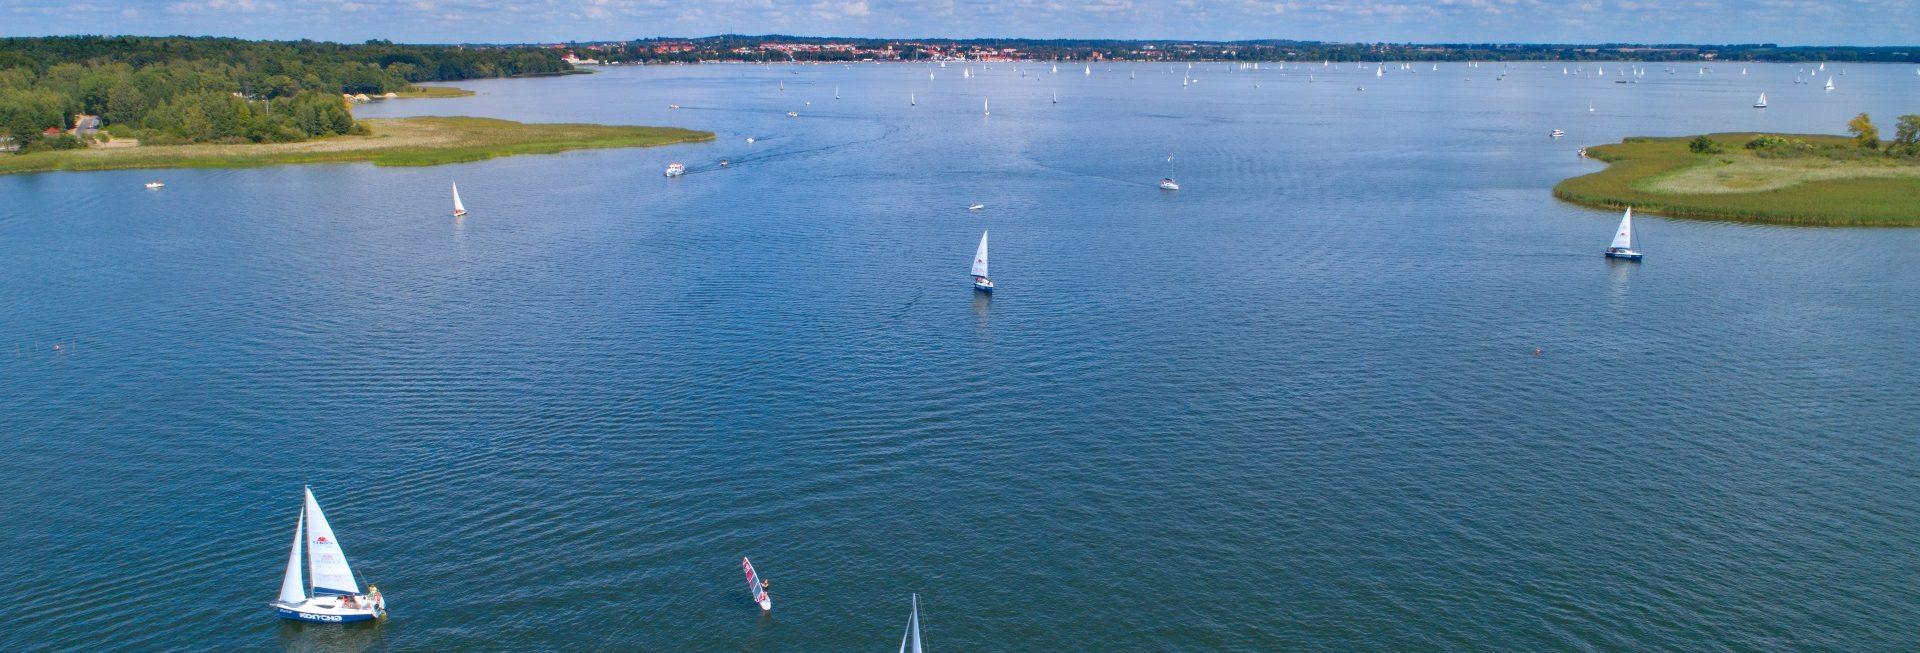 Jezioro z lotu ptaka na widoczne są pływające żaglówki. Na dalszym planie widzimy przesmyk pomiędzy akwenami porośnięty z obu stron trzciną.